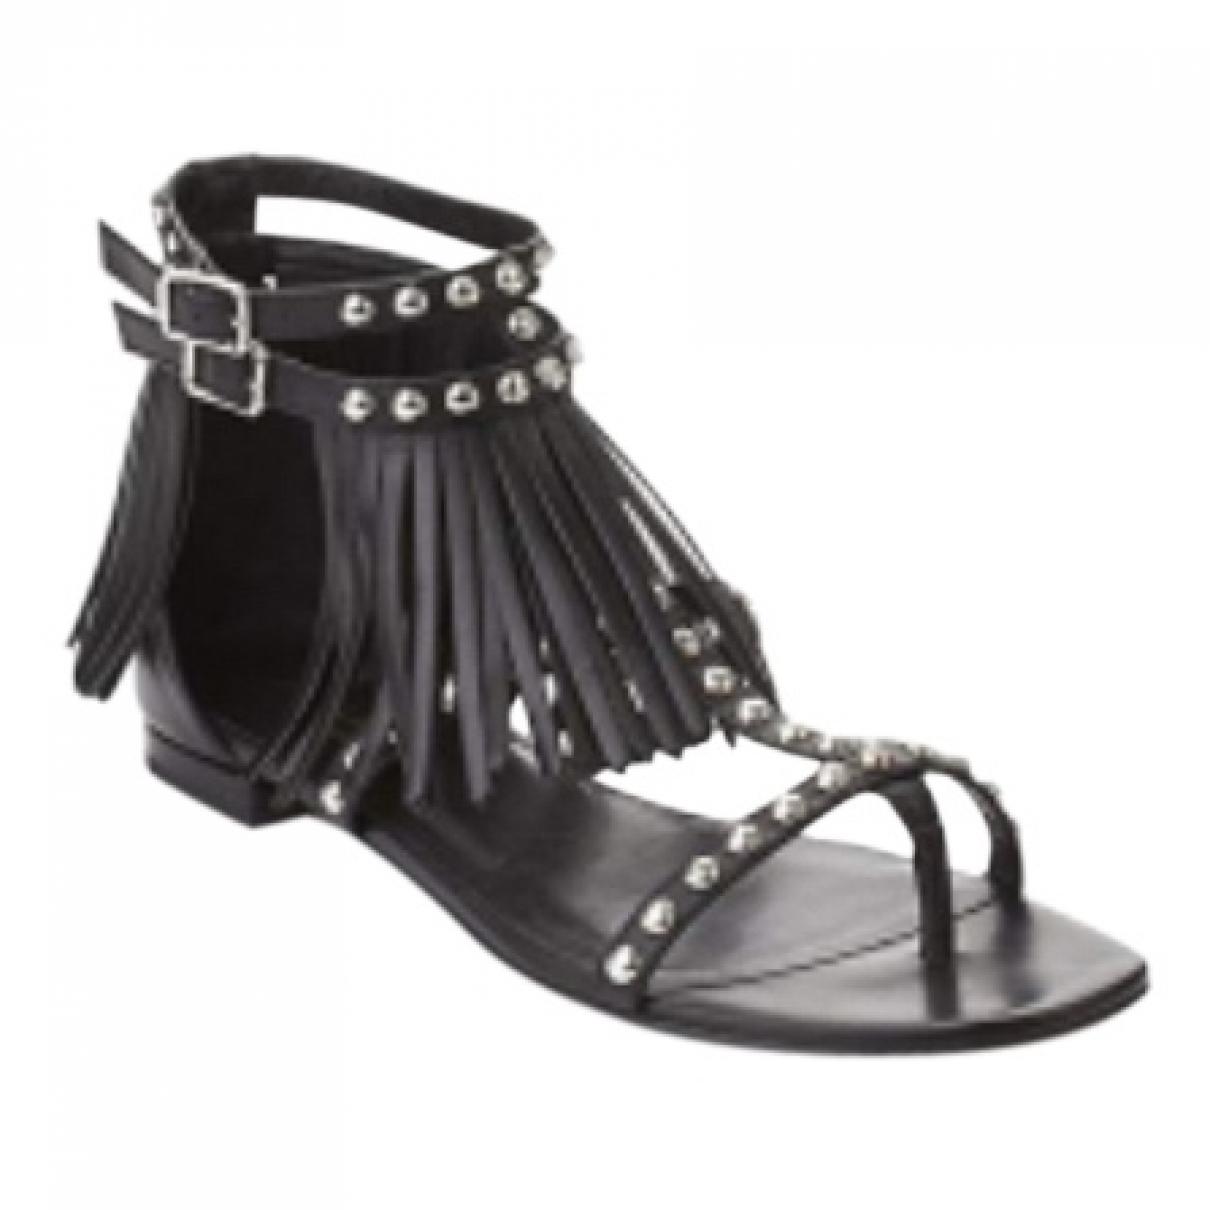 Saint Laurent \N Black Leather Sandals for Women 37.5 EU